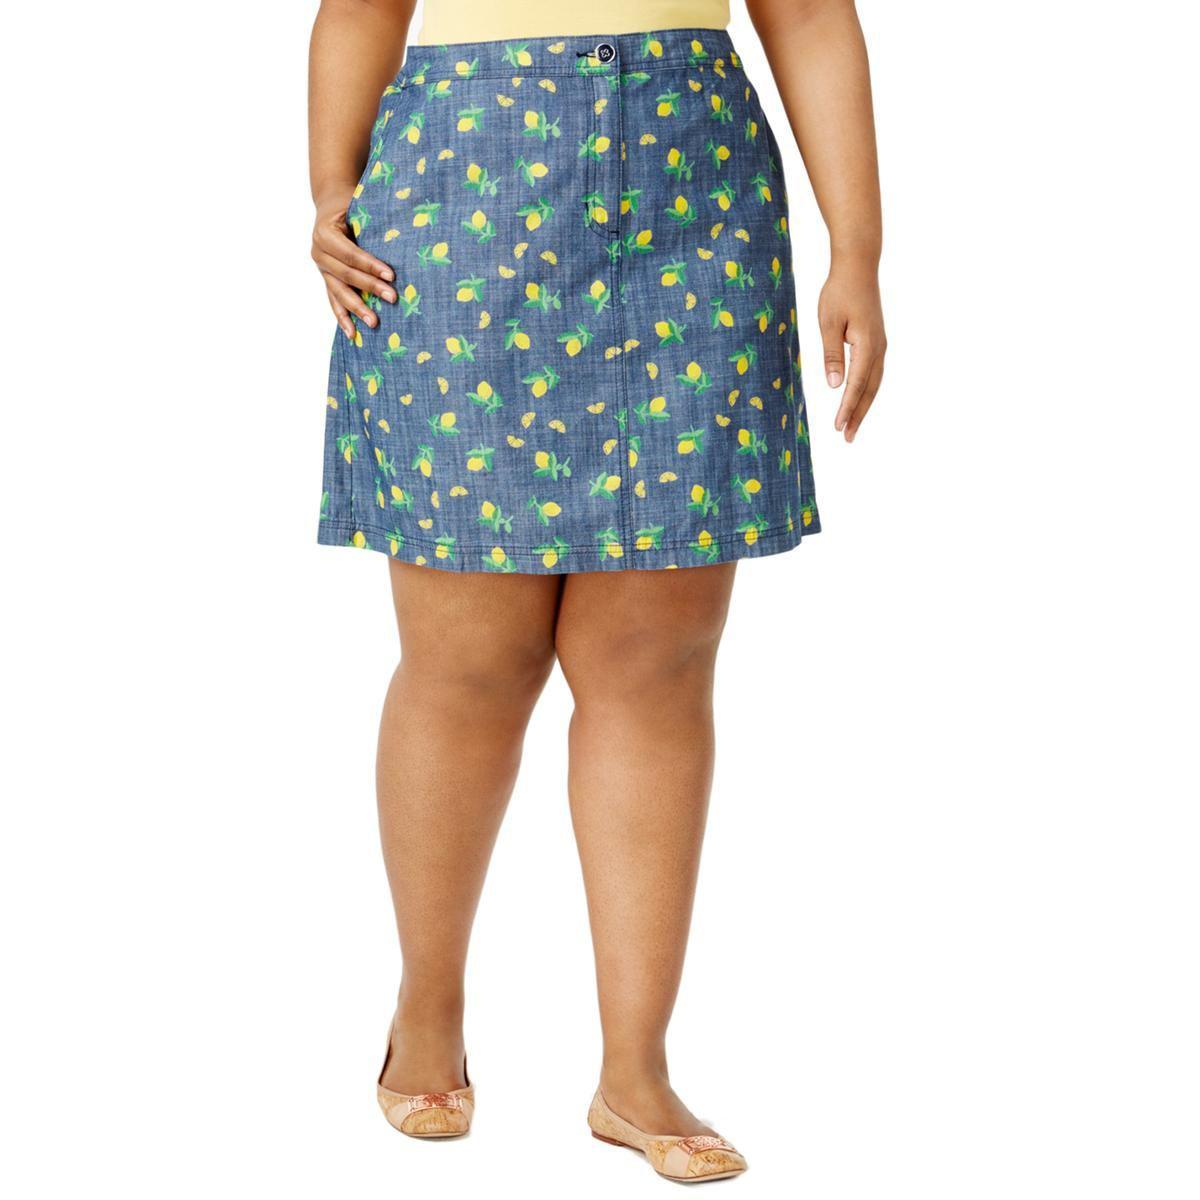 682b29131ac Lyst - Karen Scott Womens Plus Chambray Lemon Print Skort in Blue